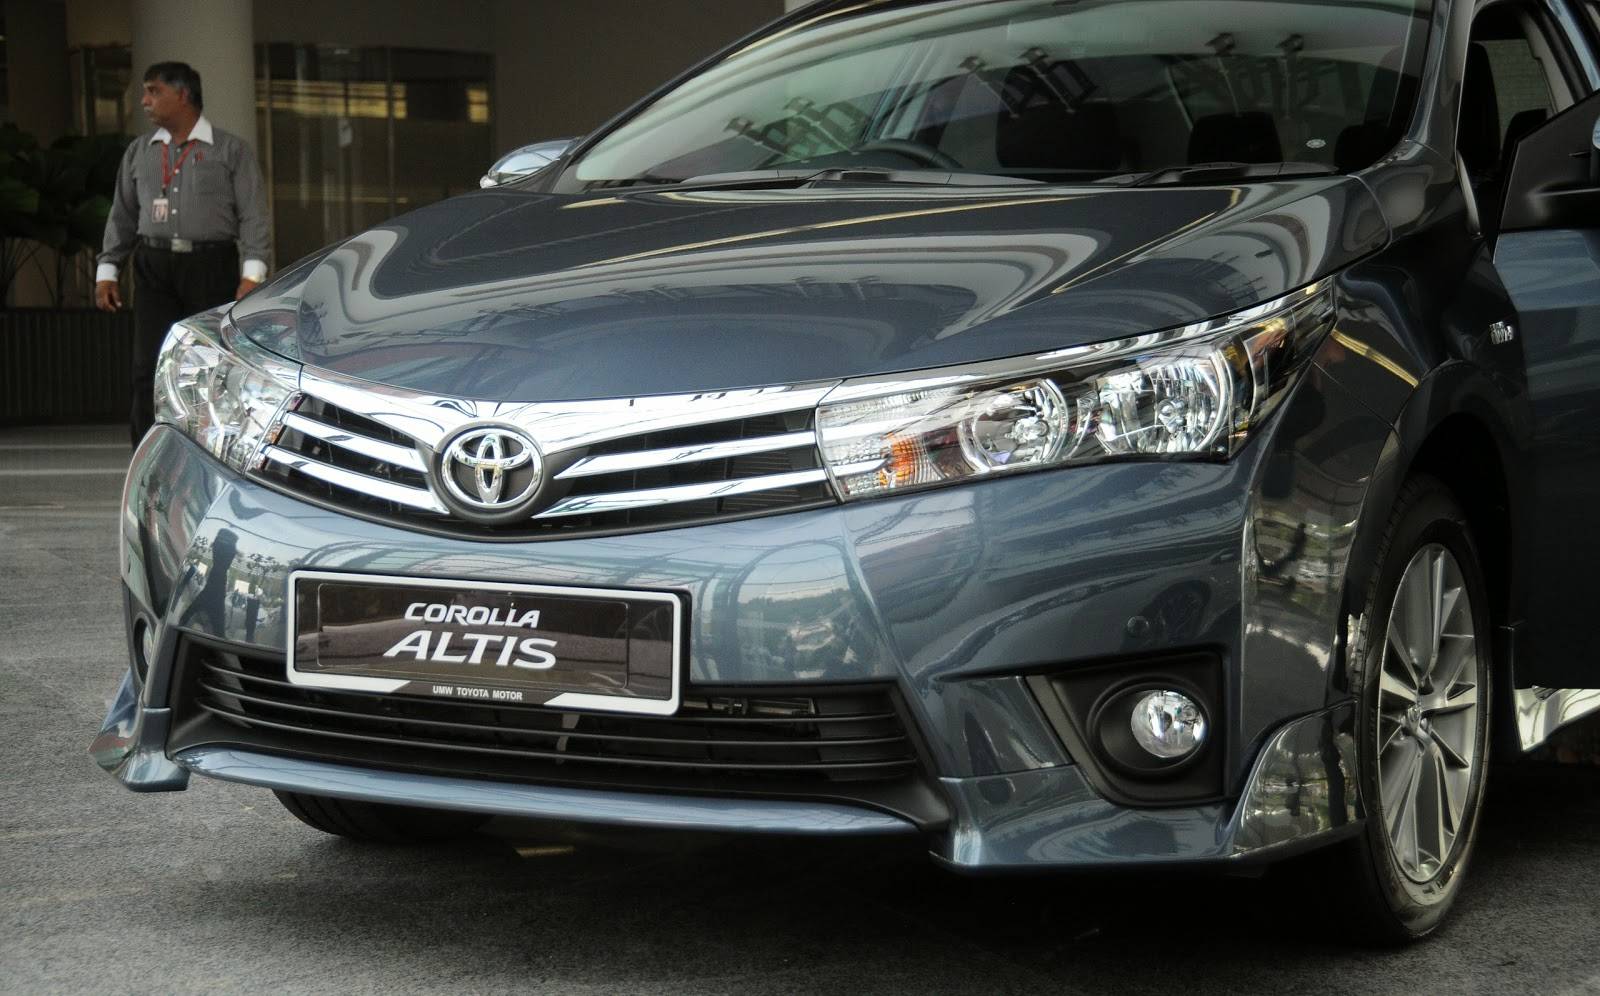 toyota%2Bcorolla%2Baltis%2B1.8%2Bg%2Bcvt%2B4 -  - Giá xe Toyota Corolla Altis 1.8G CVT - Đánh giá chi tiết Toyota Corolla Altis 1.8G CVT 2015